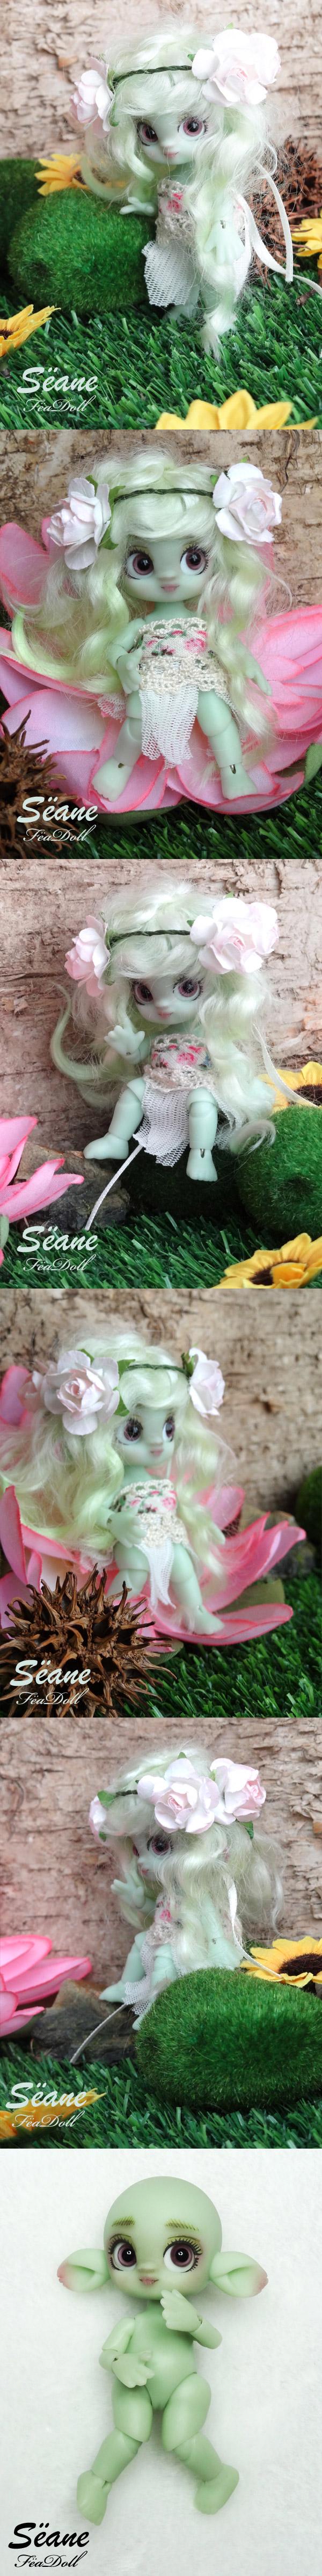 Sëane Green Skin Fullset  Little Flower